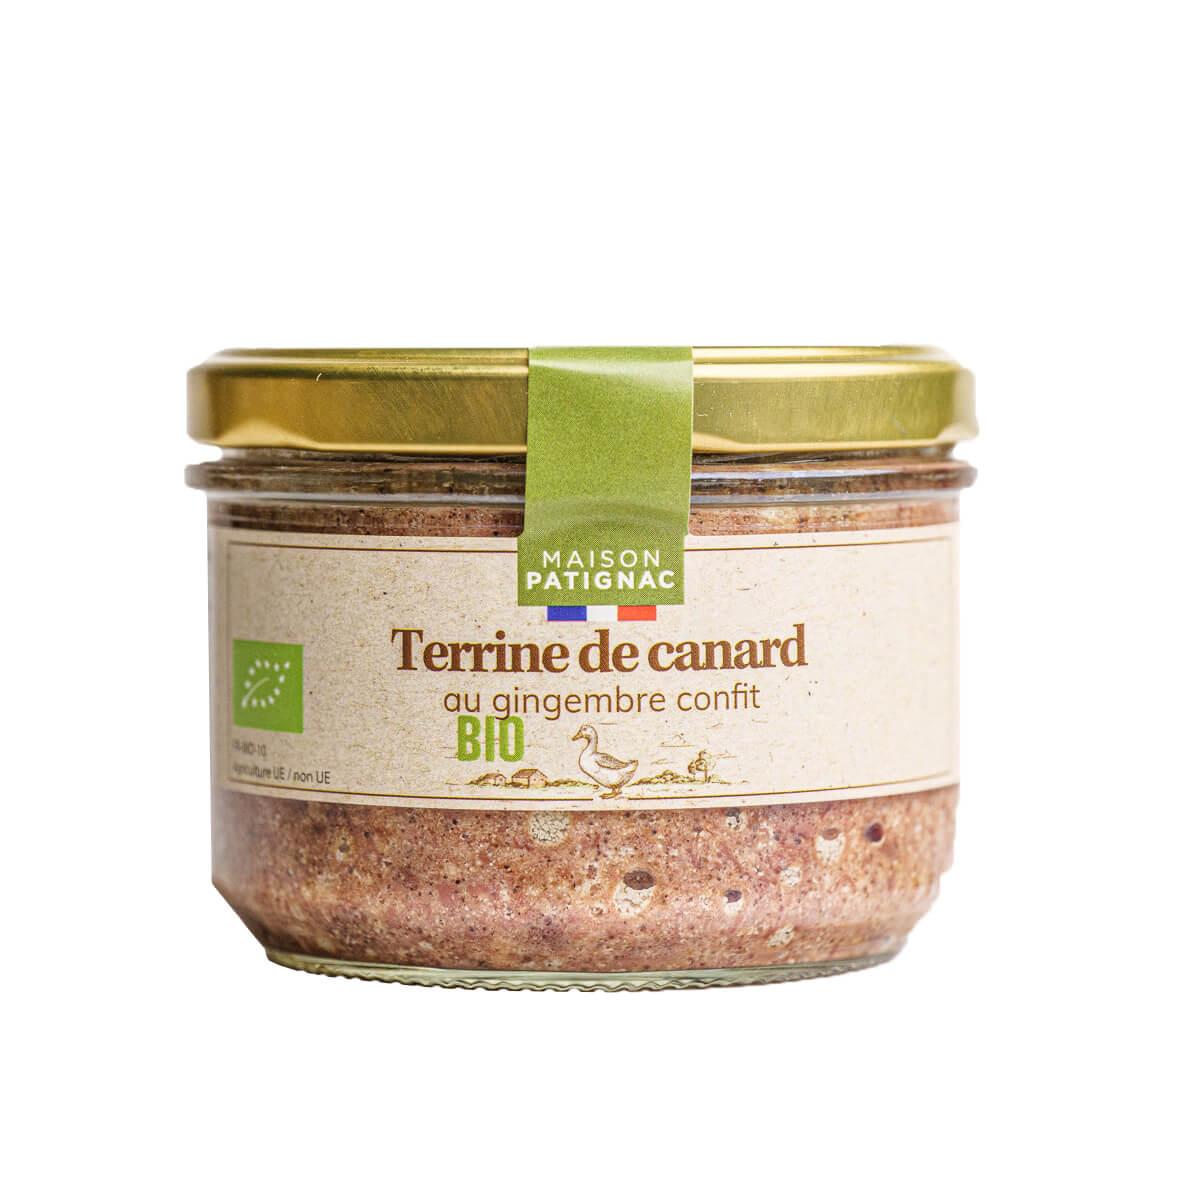 Maison Patignac - Terrine de canard au gingembre confit 180g